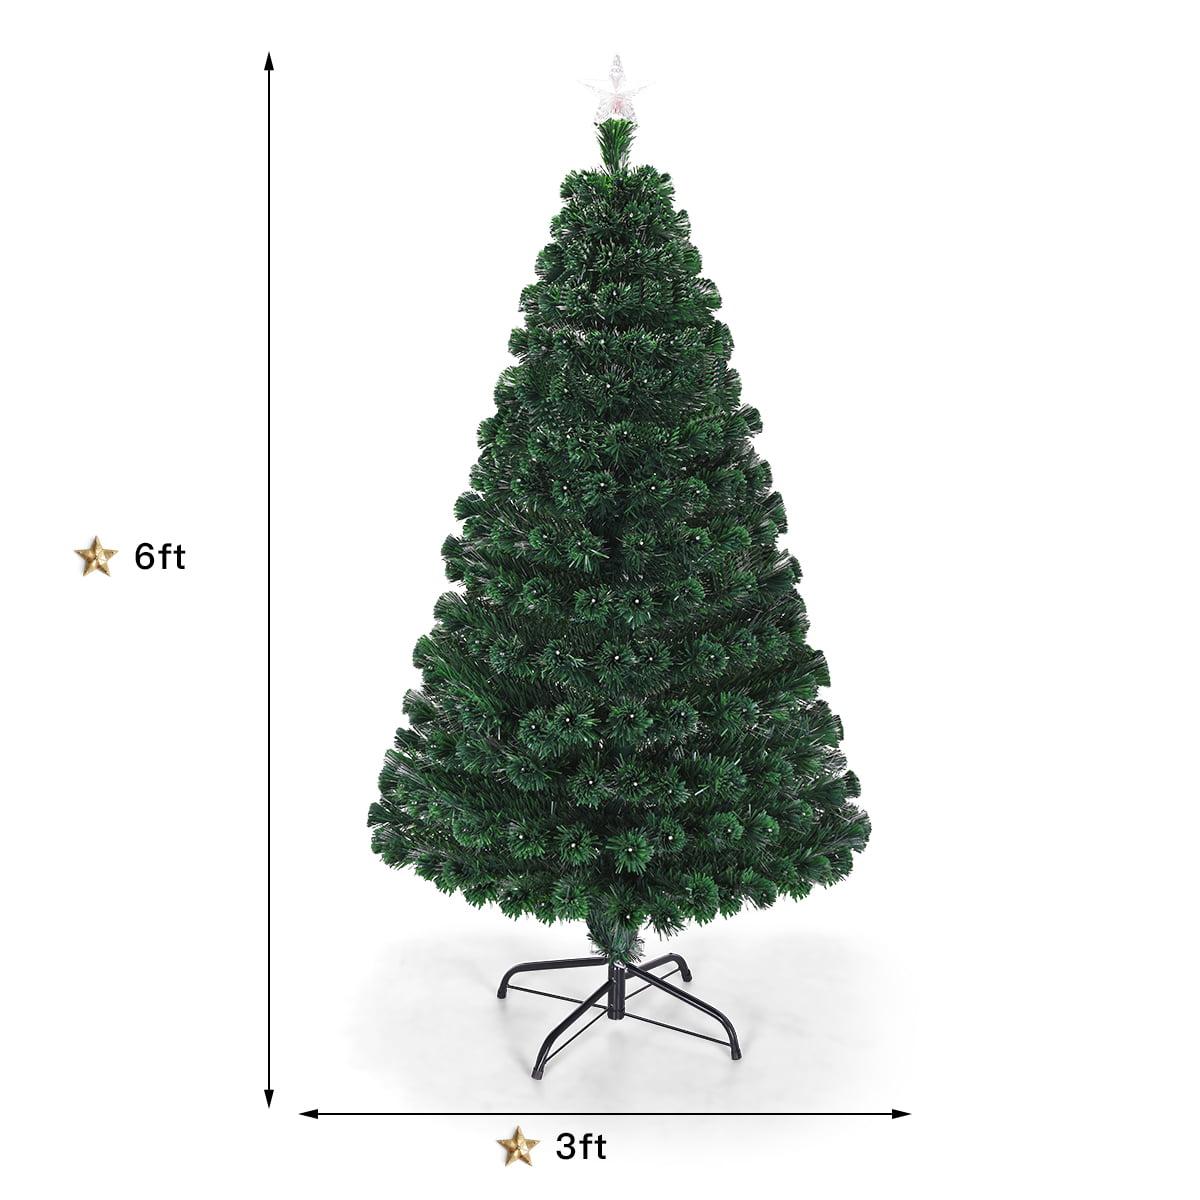 Costway 5 6 7 Pre Lit Fiber Optic Christmas Tree Multicolor Lights Walmart Com Walmart Com